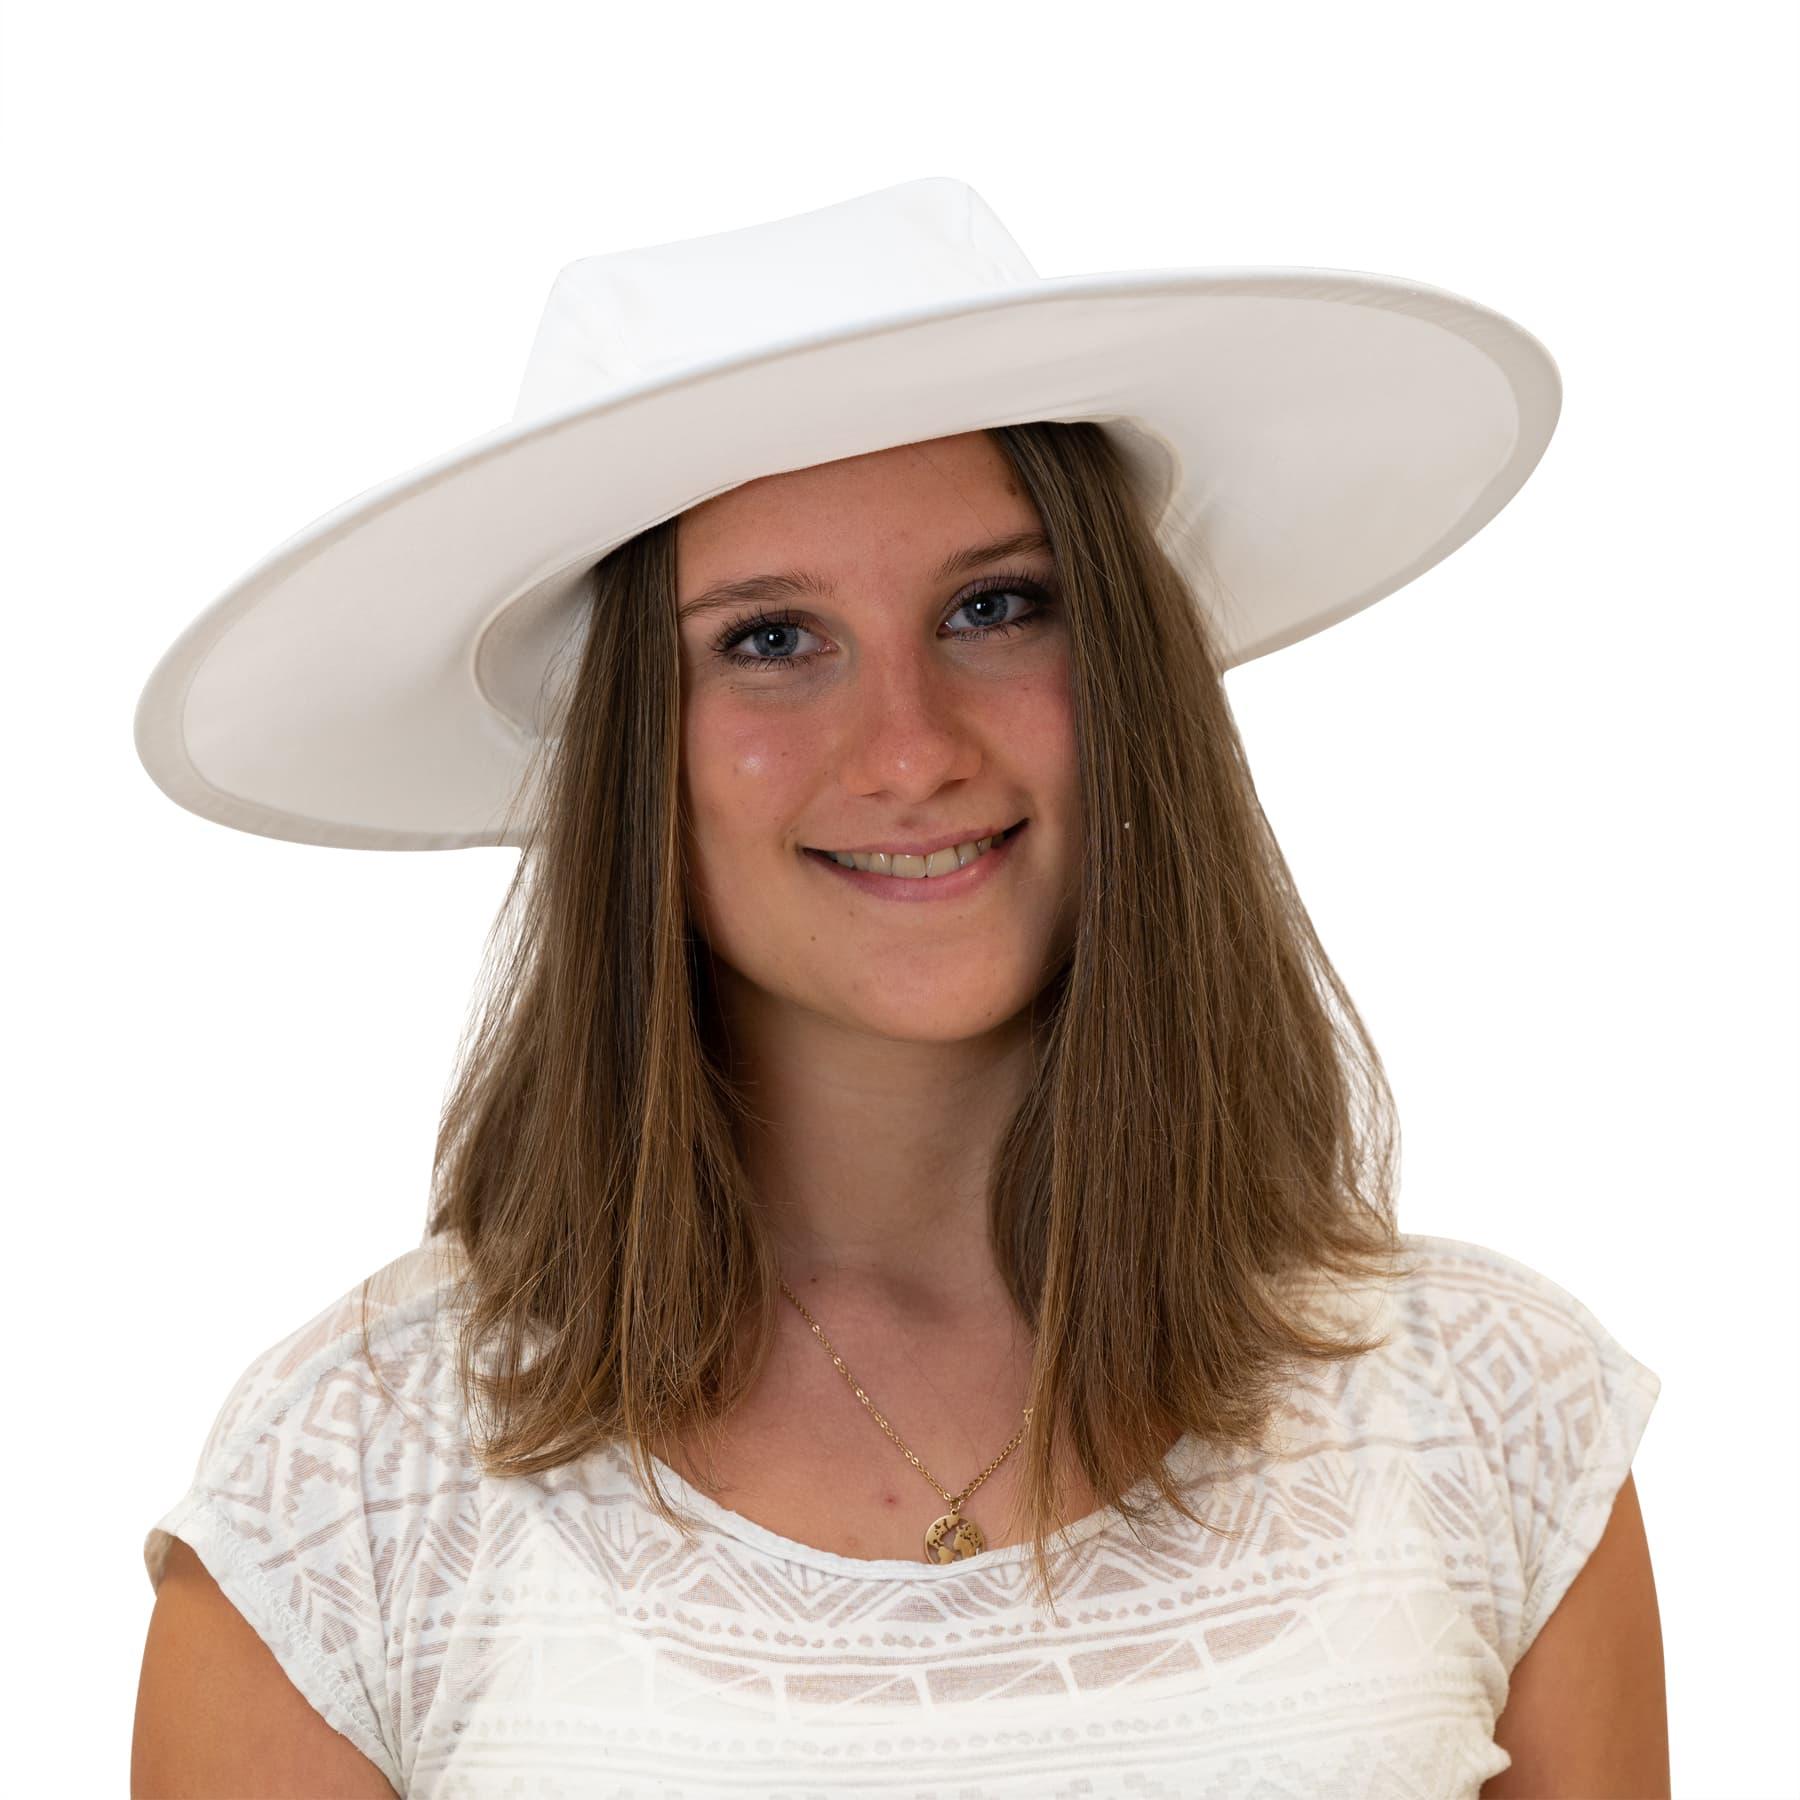 Imkerhut aus Baumwolle, weiß, große Krempe, Außendurchmesser ca. 38 cm